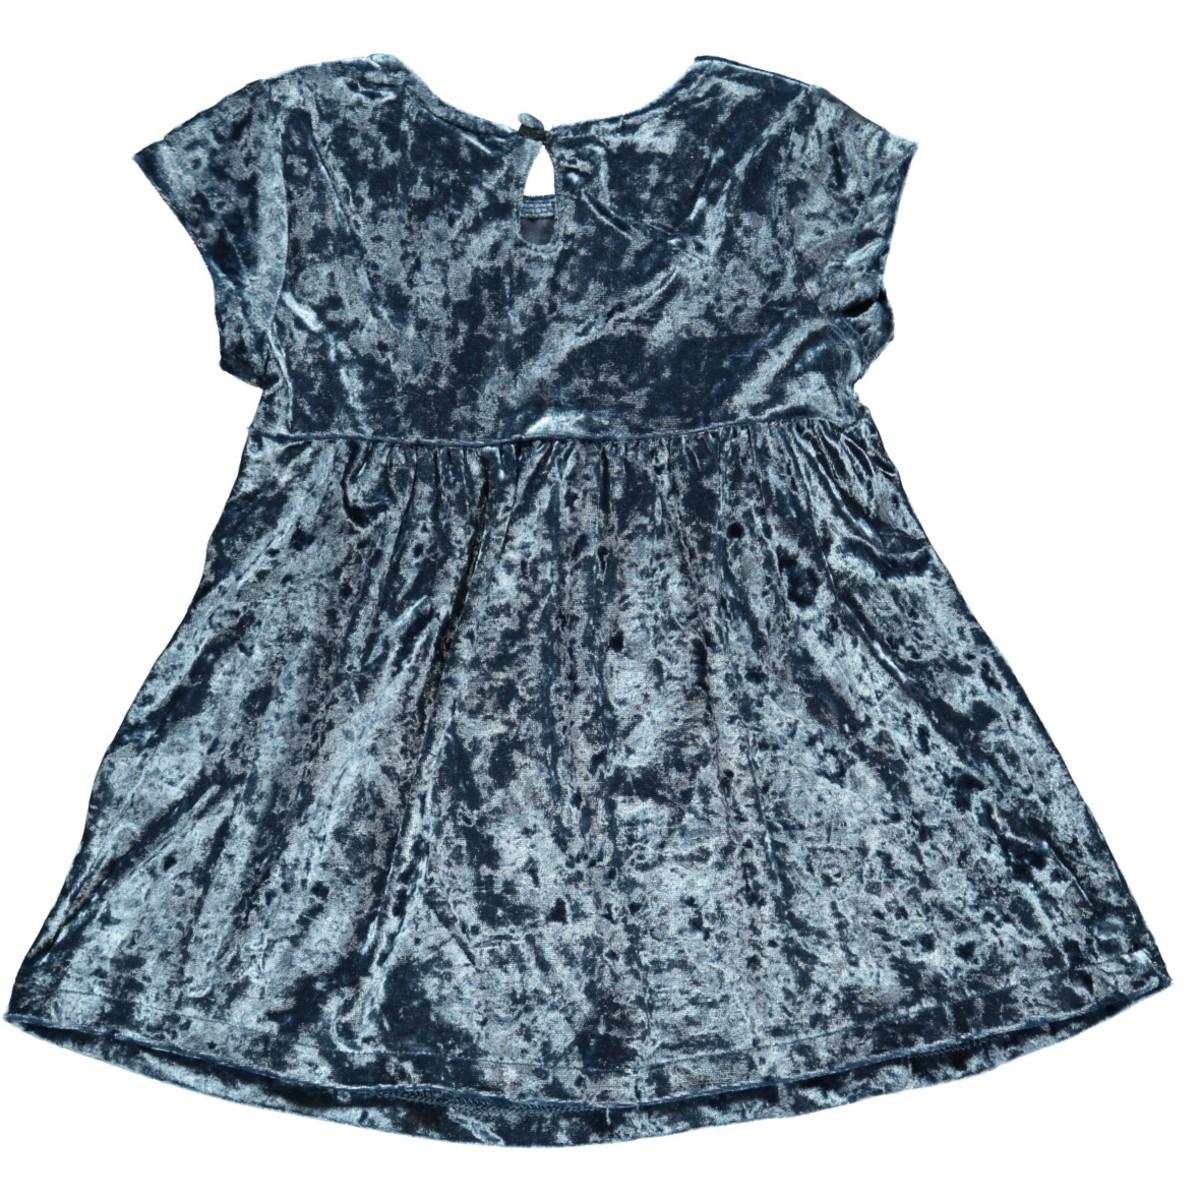 Bild 2 von Mädchen Kleid aus Pannesamt